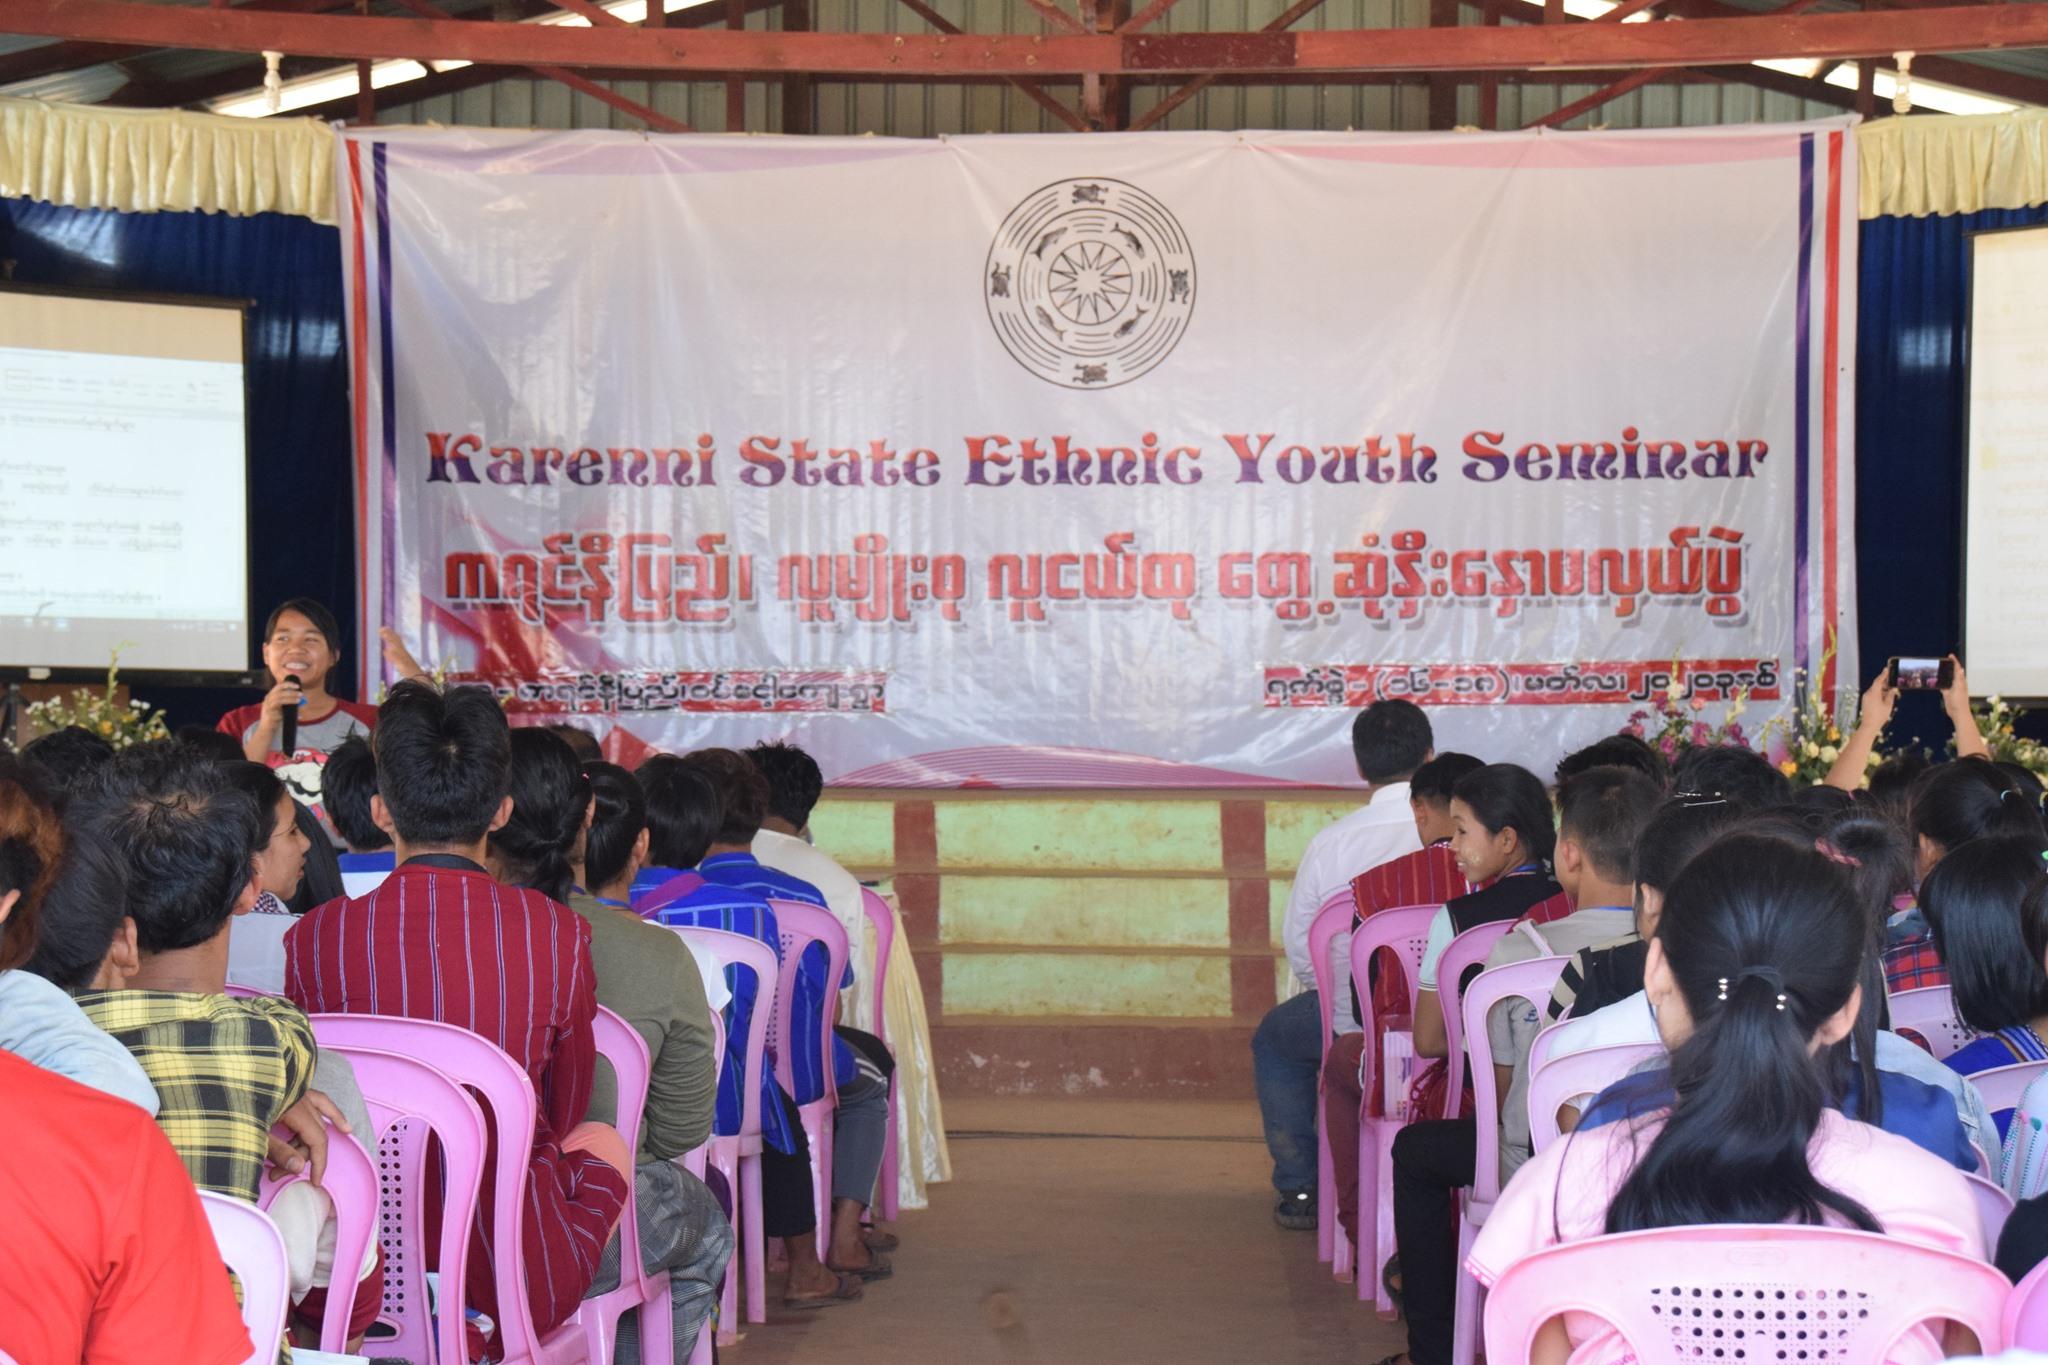 လူငယ်ရေးရာ ဝန်ကြီးဌာန ထားရှိပေးရန် ကရင်နီလူငယ်များ တိုက်တွန်း